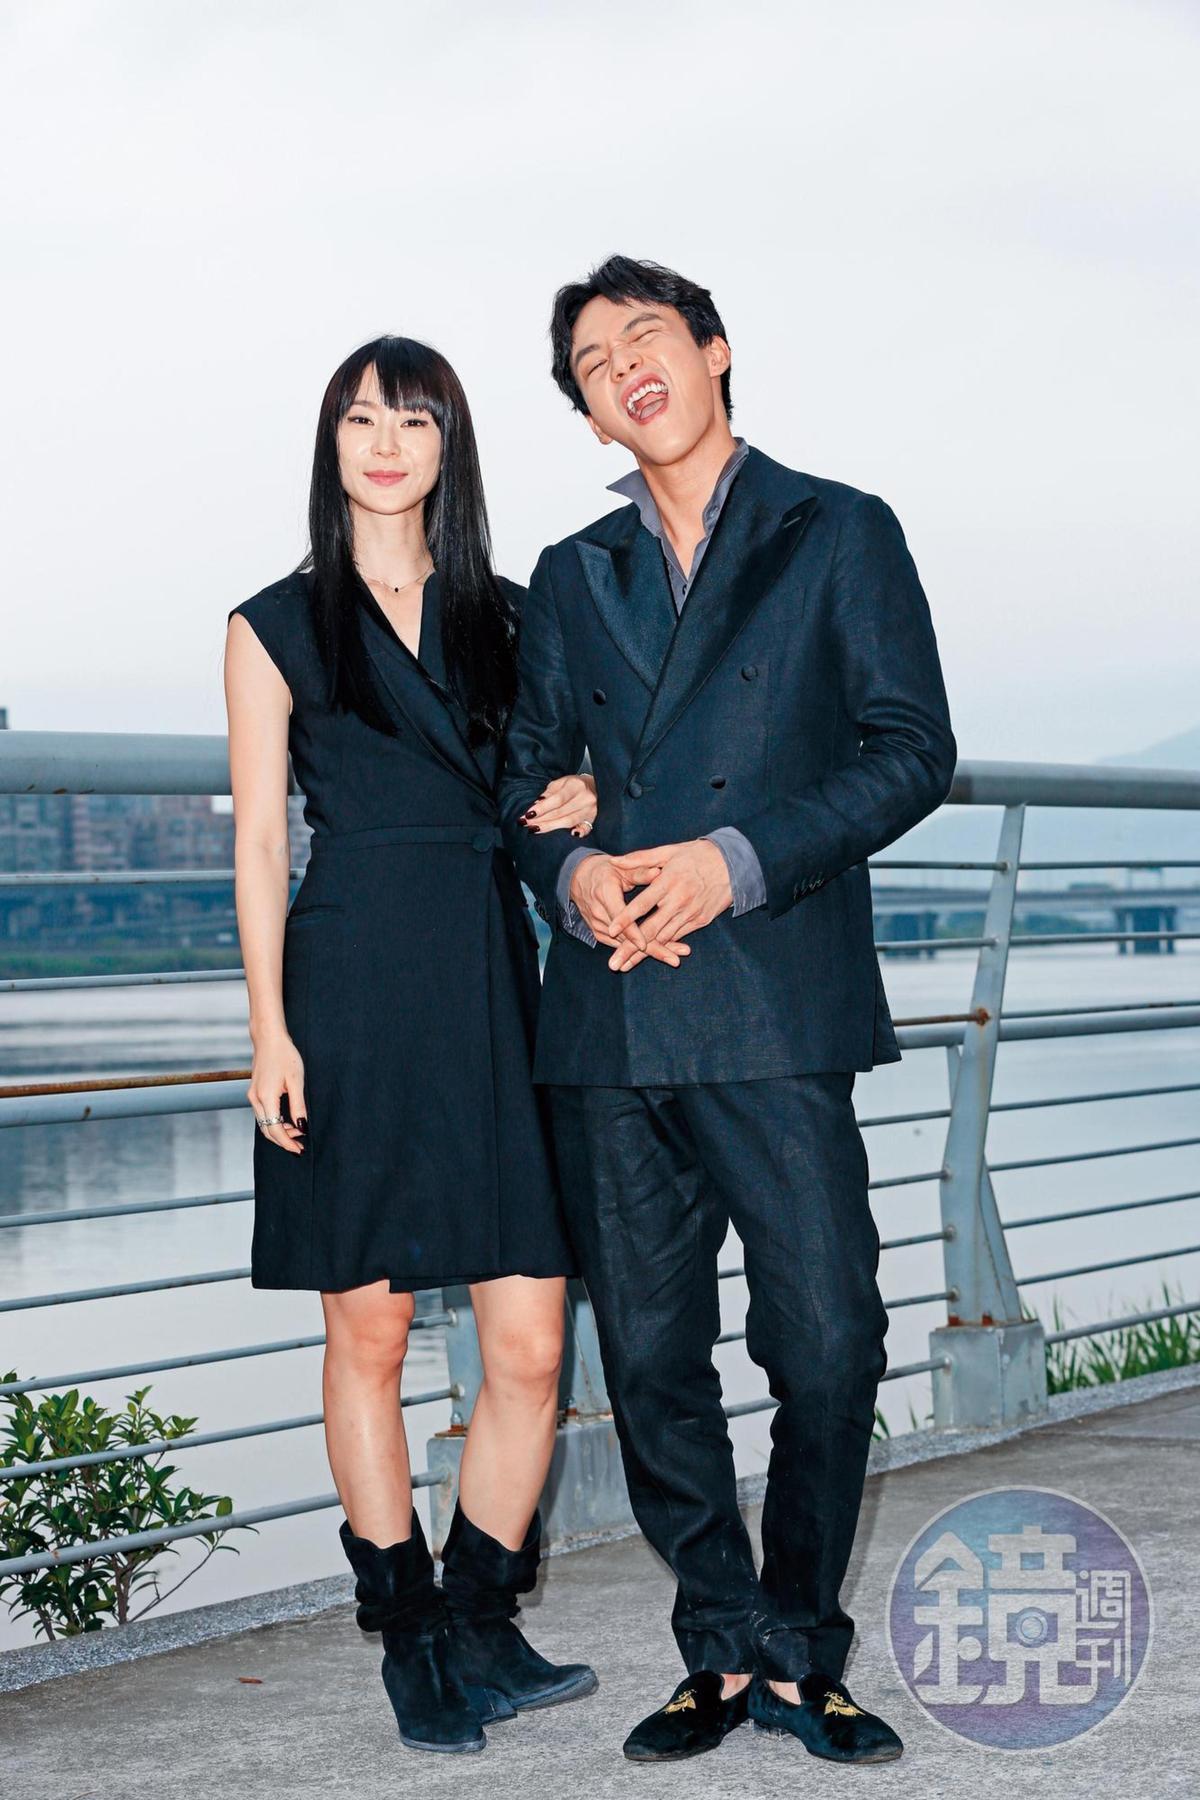 曹晏豪(右)說自己飾演的角色,在片中與夥伴們相處時,會一直講幹話和髒話,所以私下聊天時,常噴出電影裡的髒話台詞。左為鍾瑶。